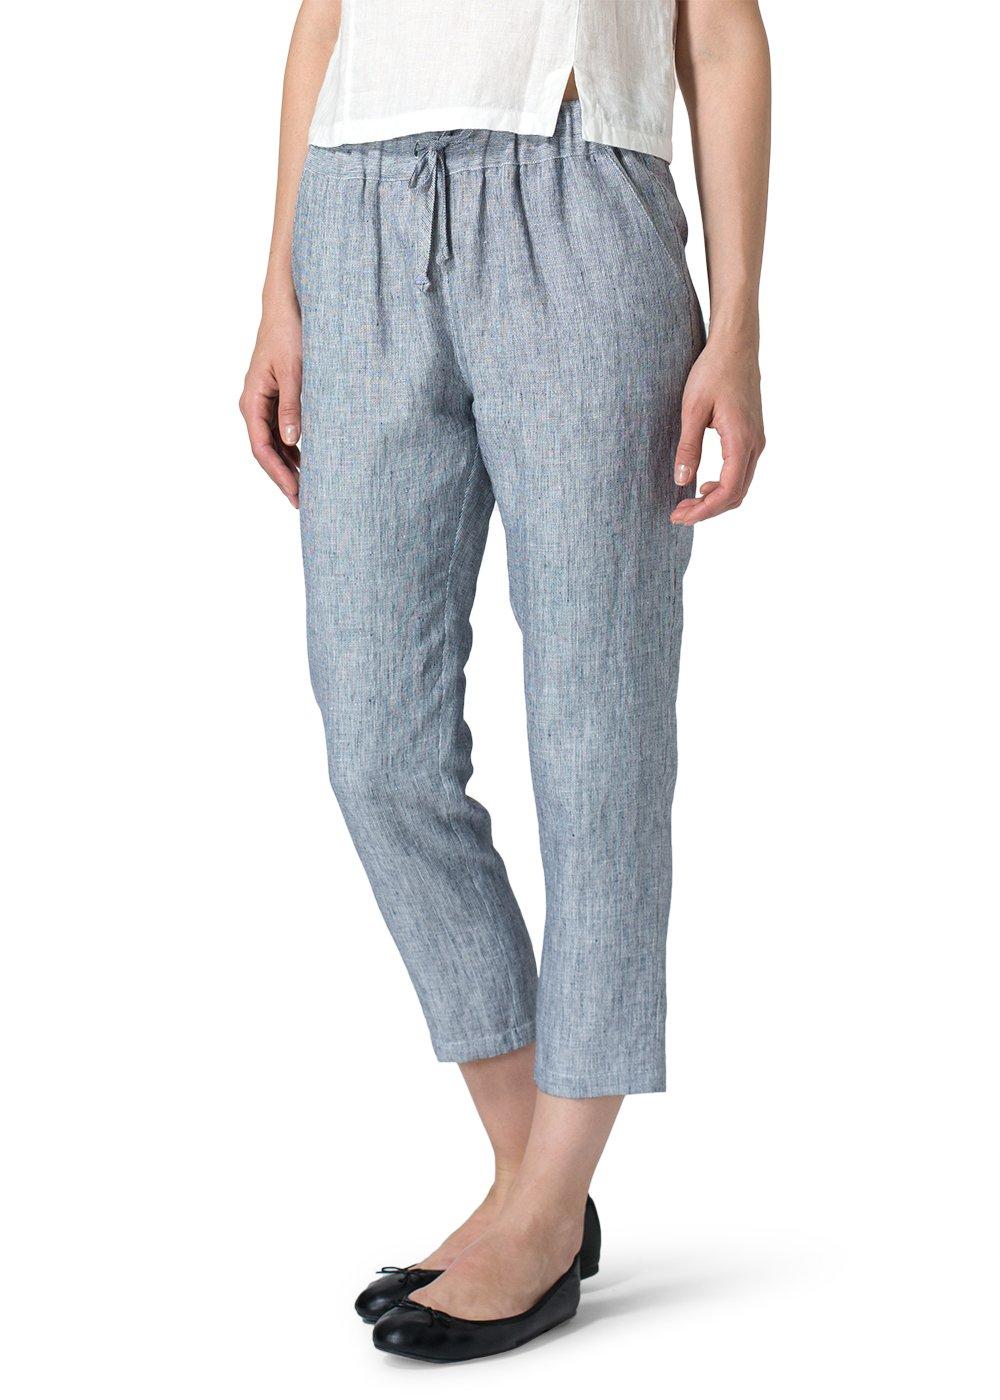 Vivid Linen Low Rise Narrow Leg Cropped Pants-4X-Navy Stripe